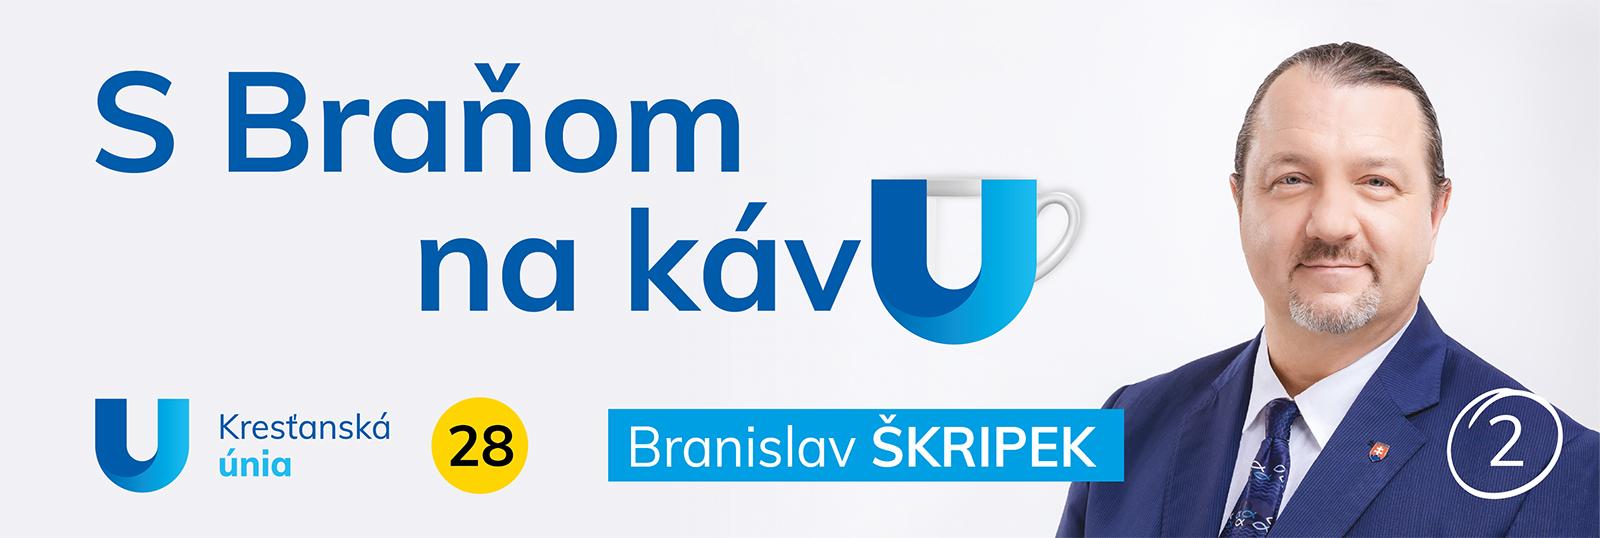 S-Branom-na-kavU_2